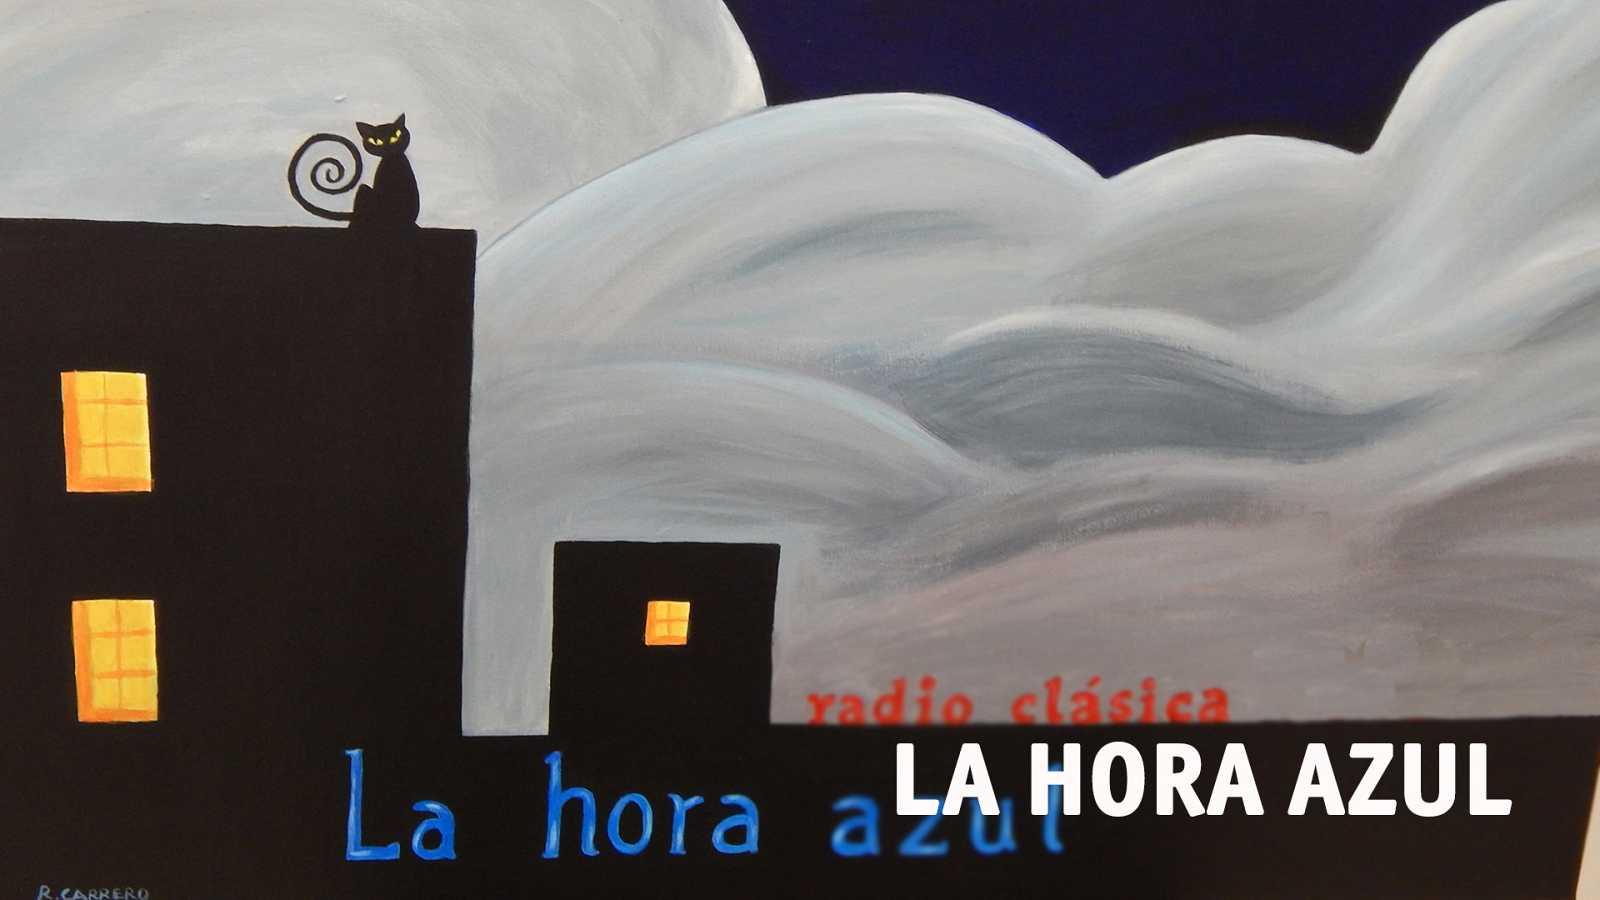 La hora azul - Albéniz, Miguel  Baselga, y Manuel Comesaña - 06/12/17 - escuchar ahora